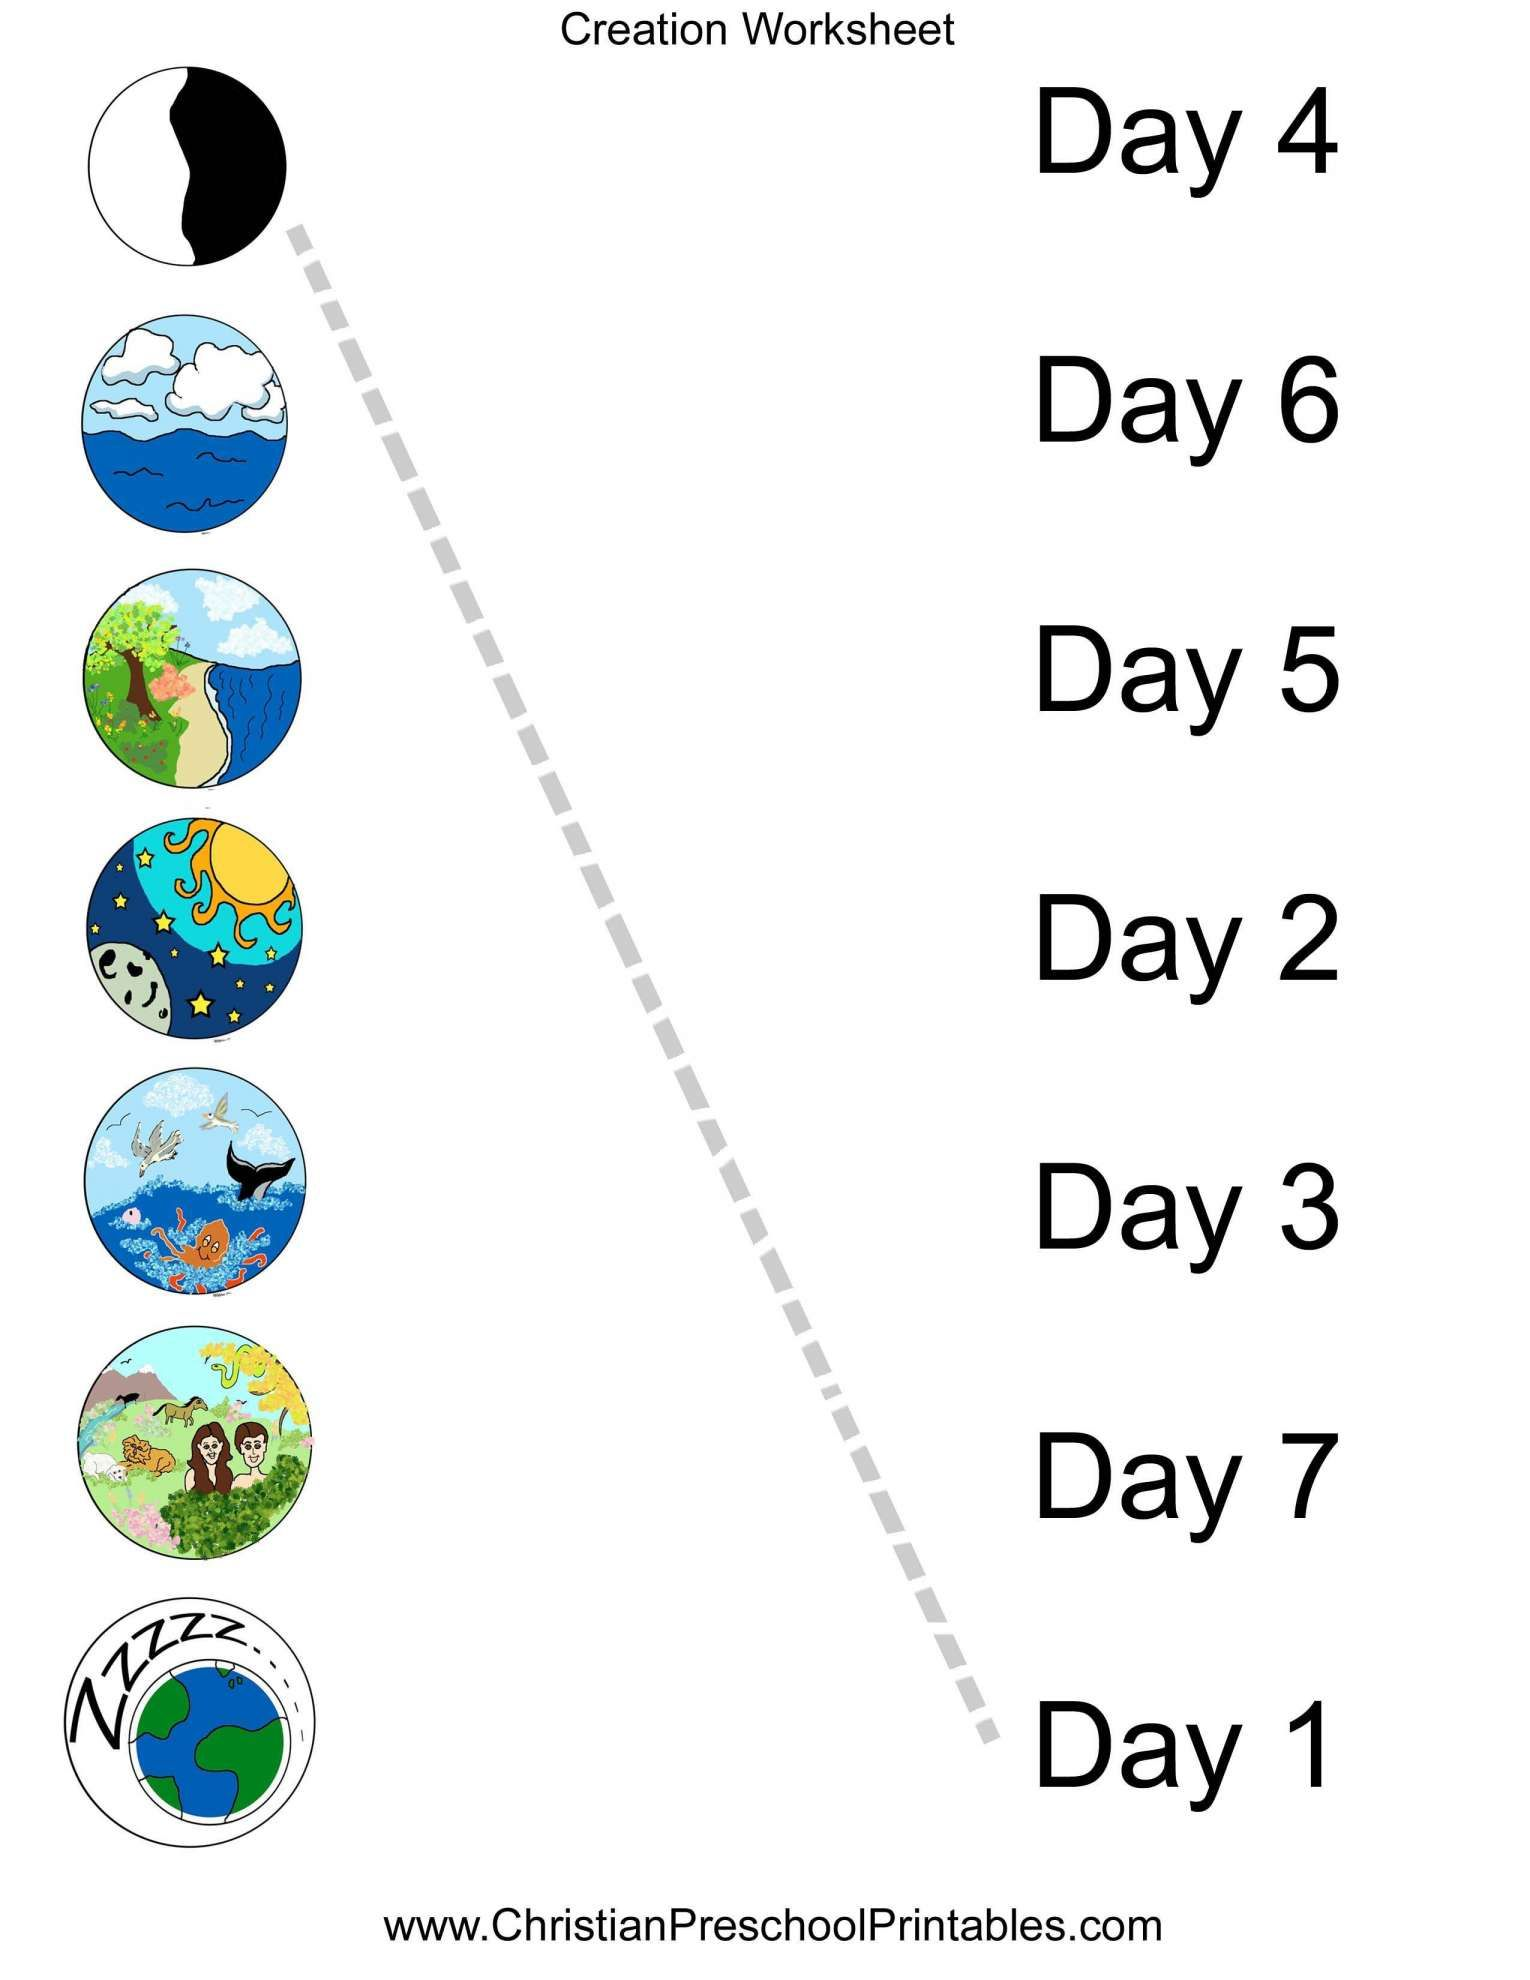 10 Creation Worksheet Preschool